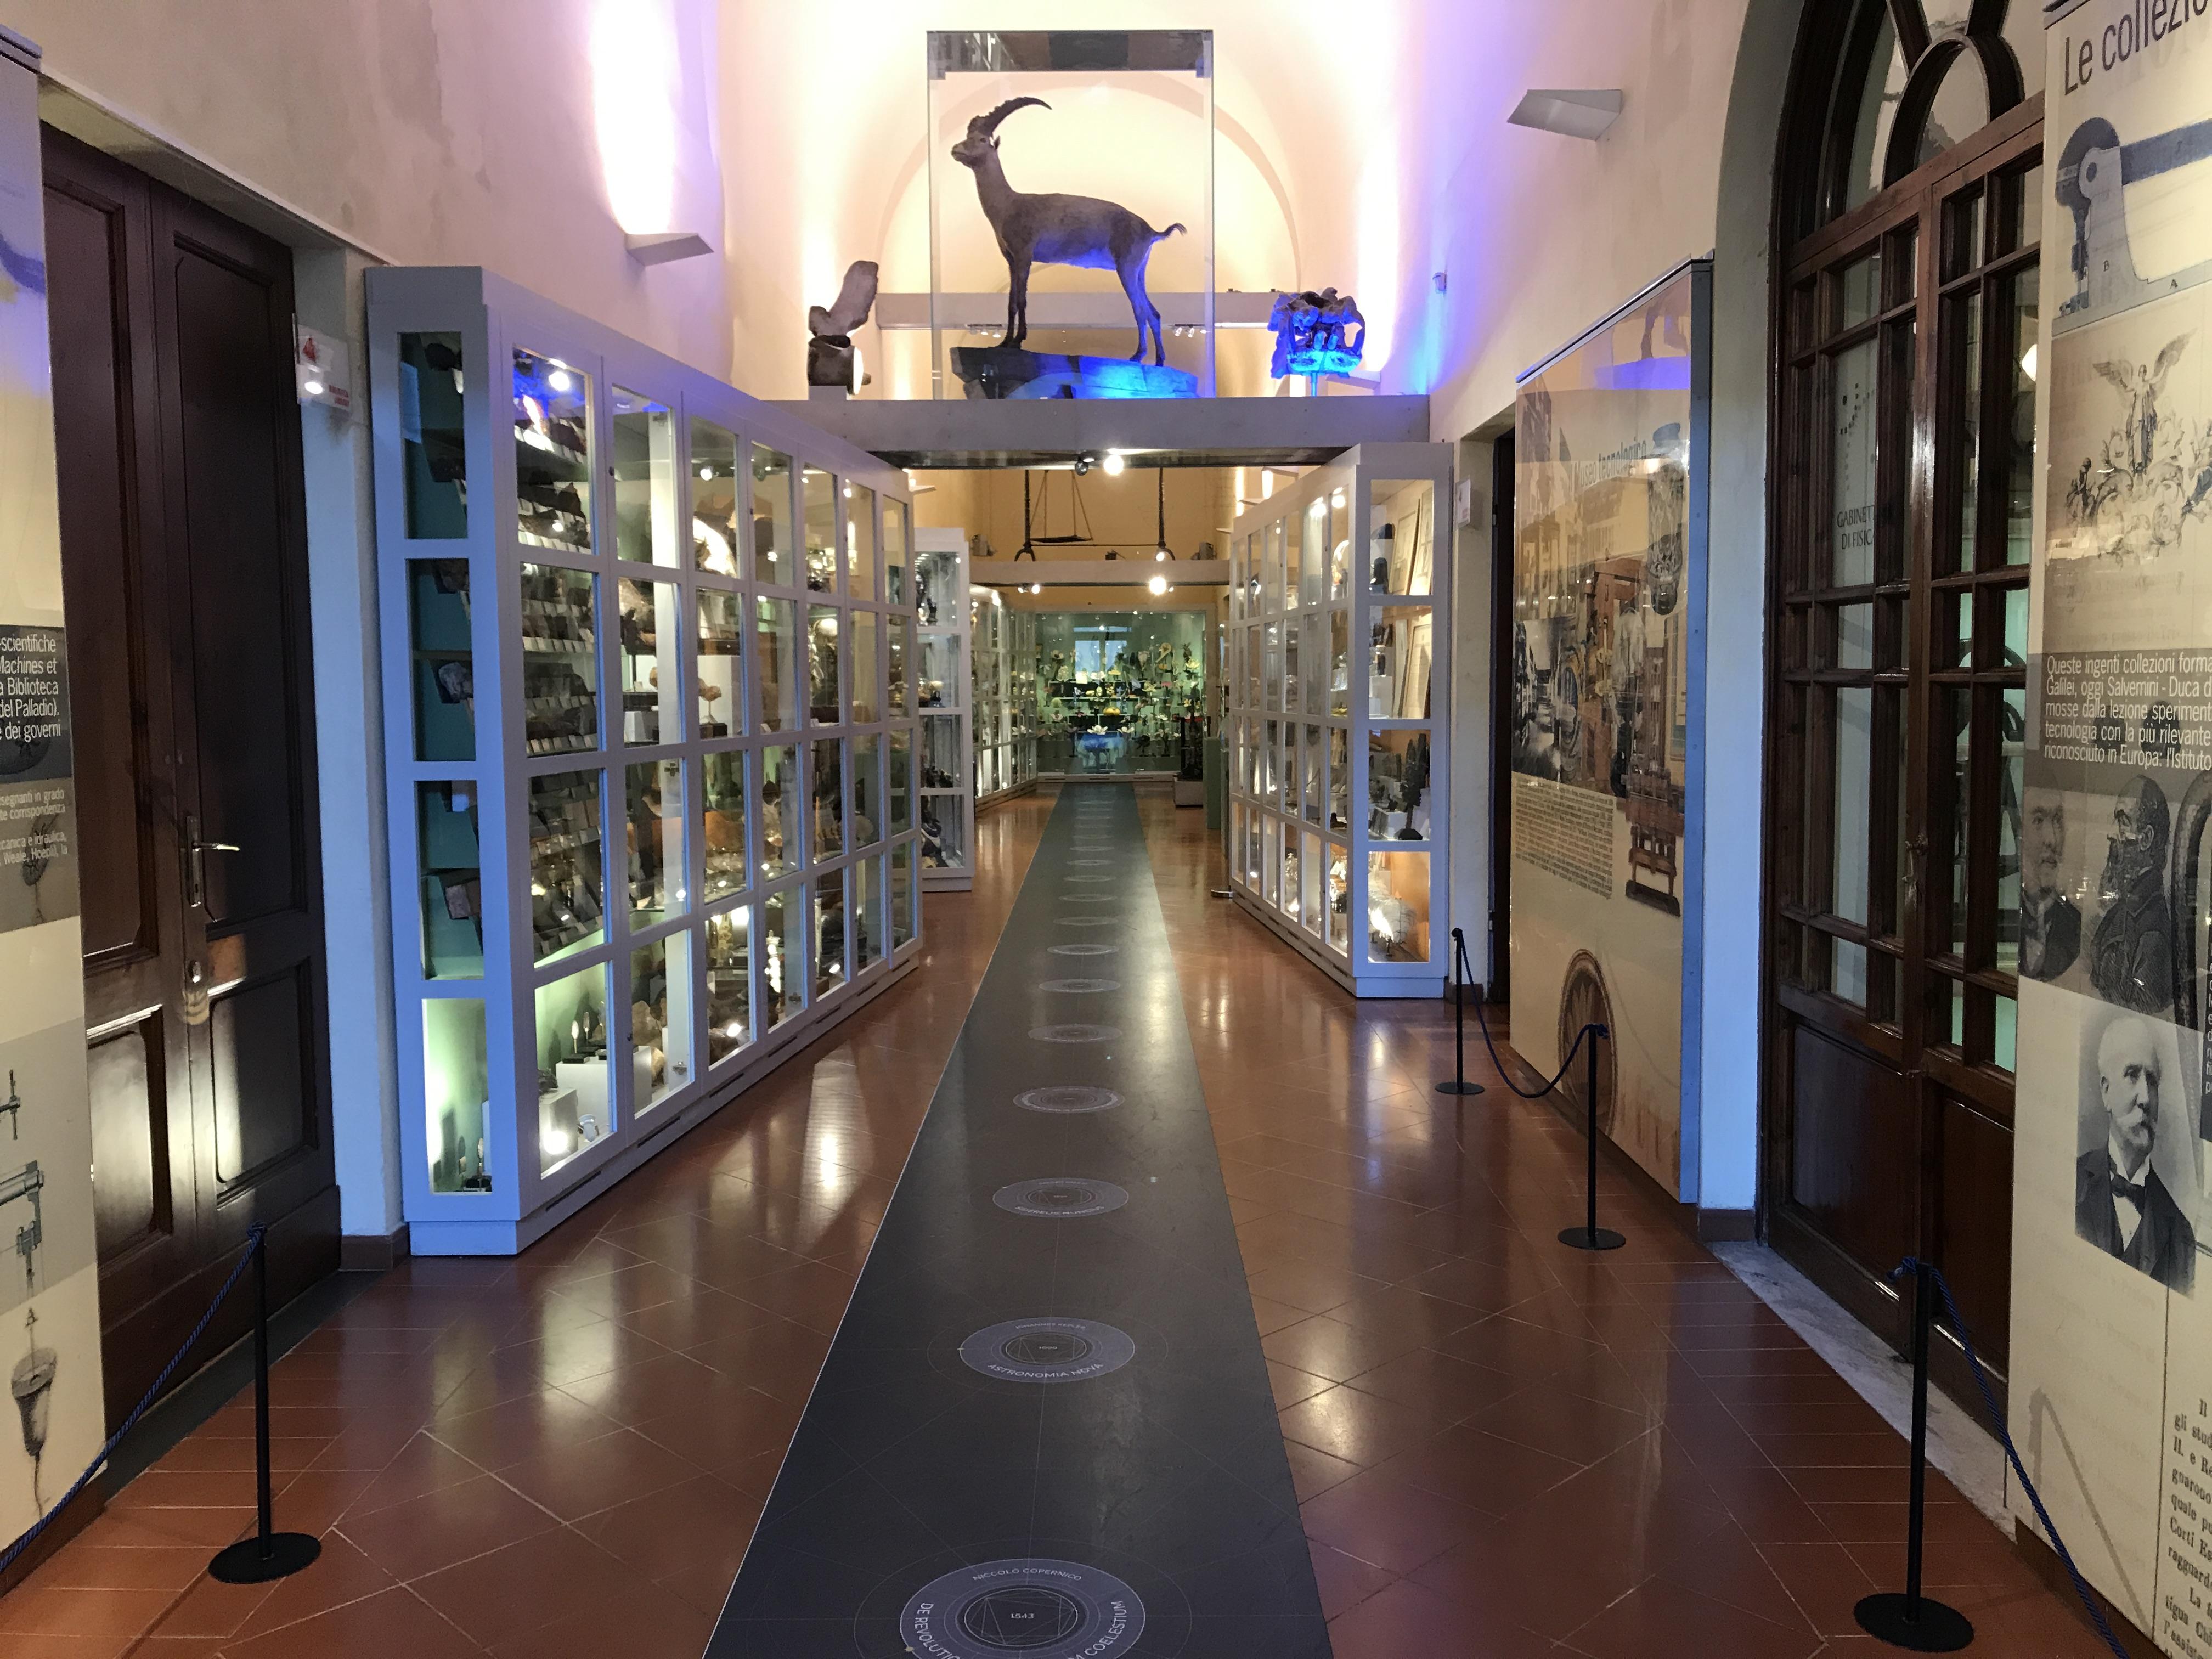 Museo della Fondazione Scienza e Tecnica